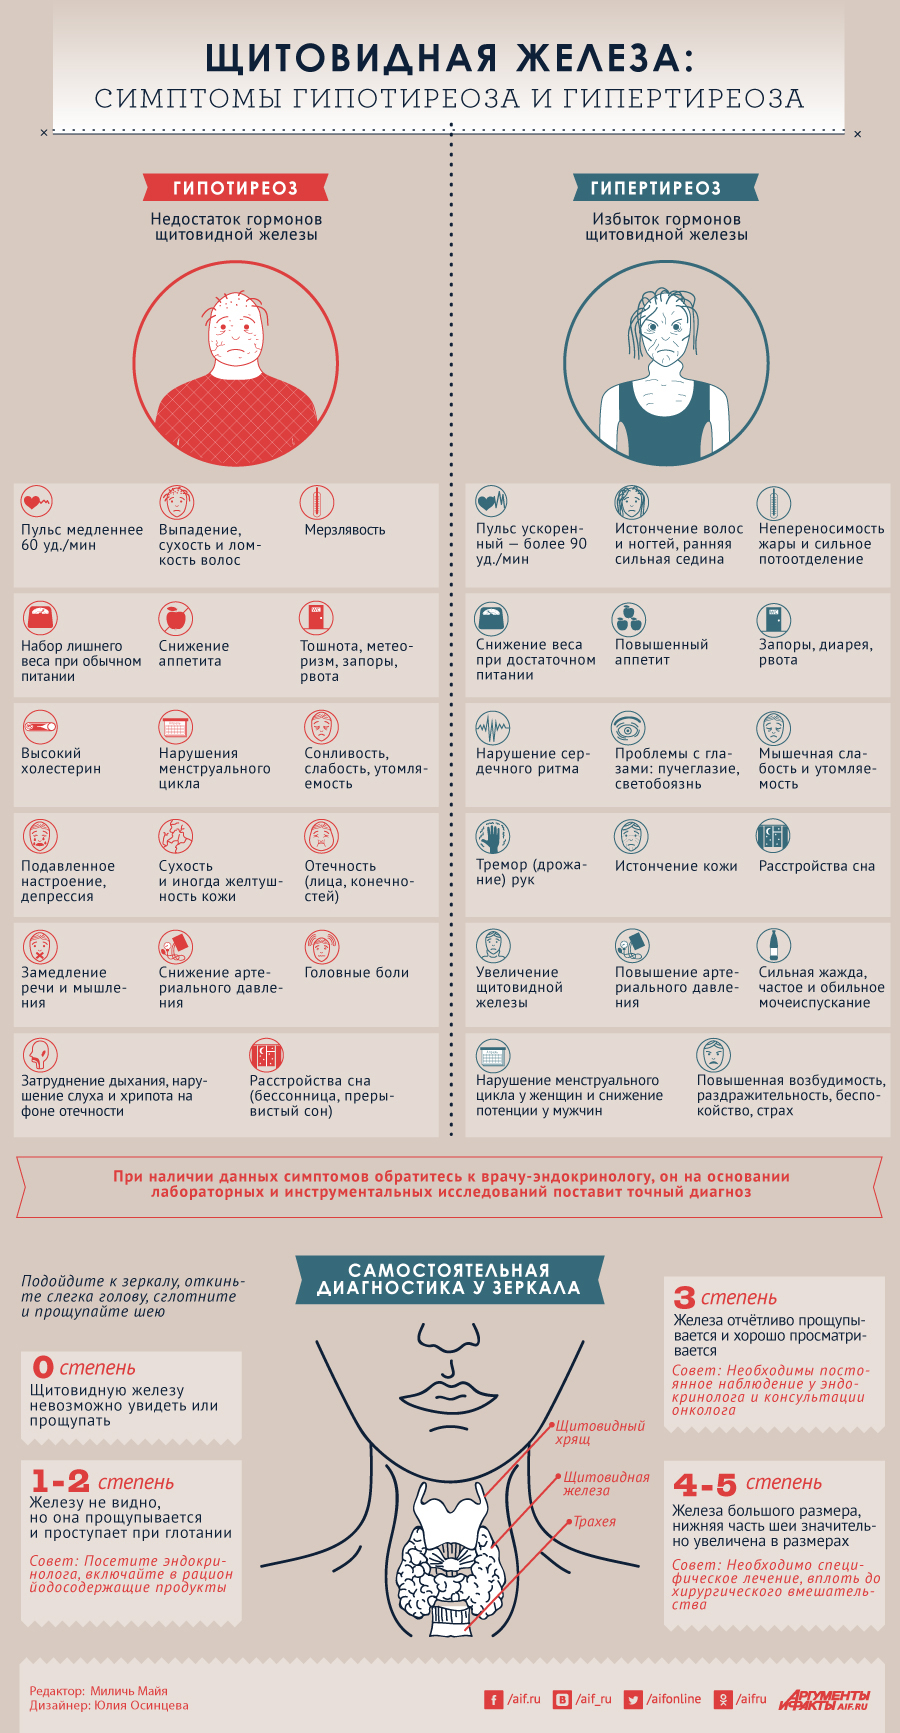 Микседема: причины, симптомы и лечение